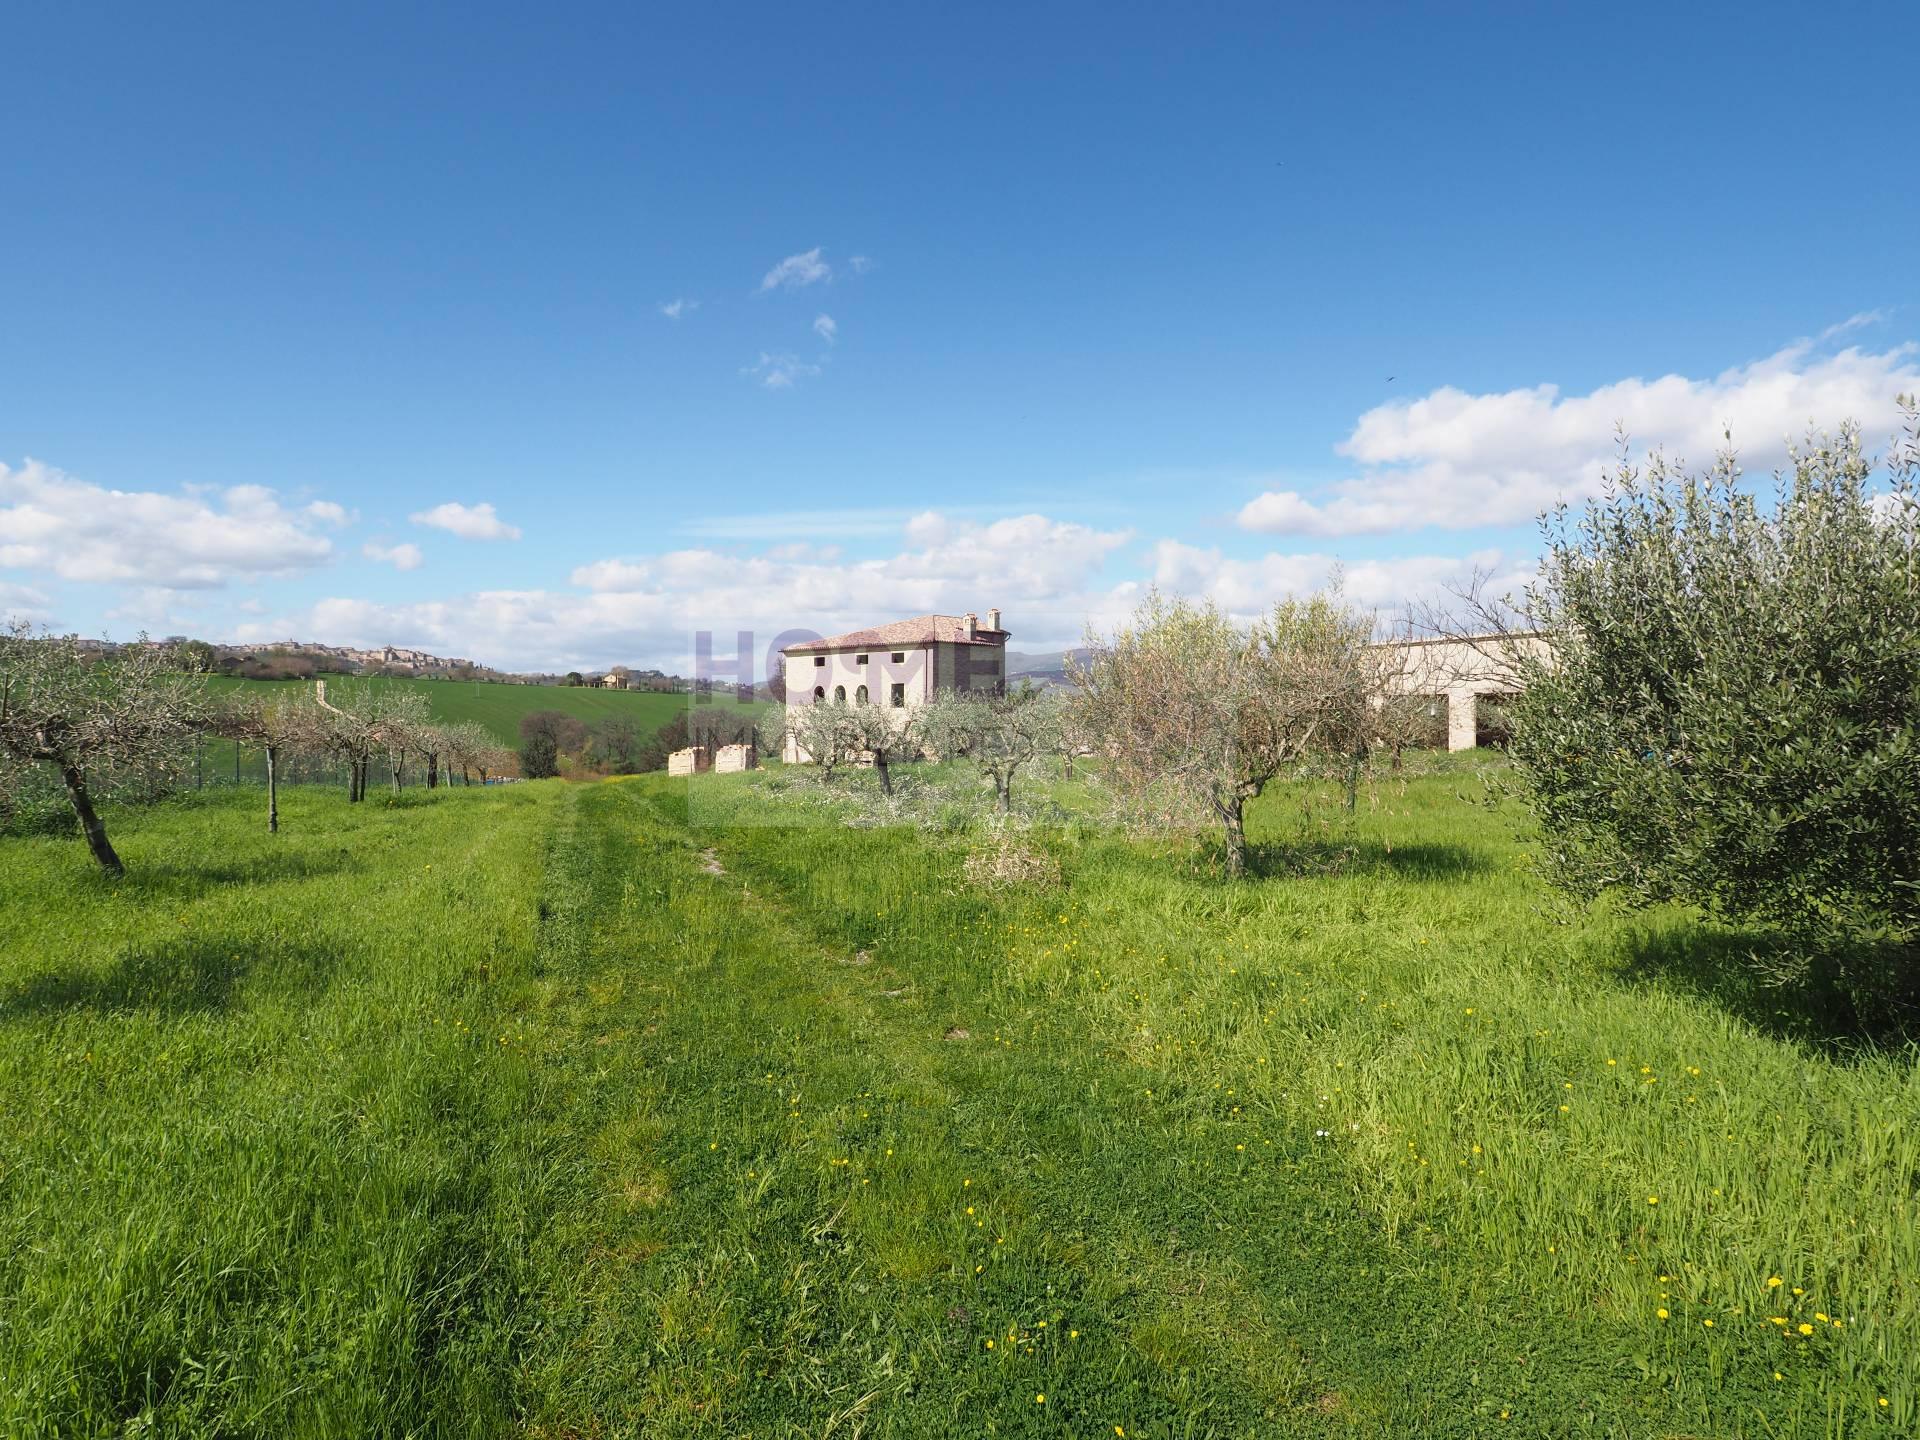 Soluzione Indipendente in vendita a Treia, 8 locali, zona Località: periferia, prezzo € 380.000 | CambioCasa.it